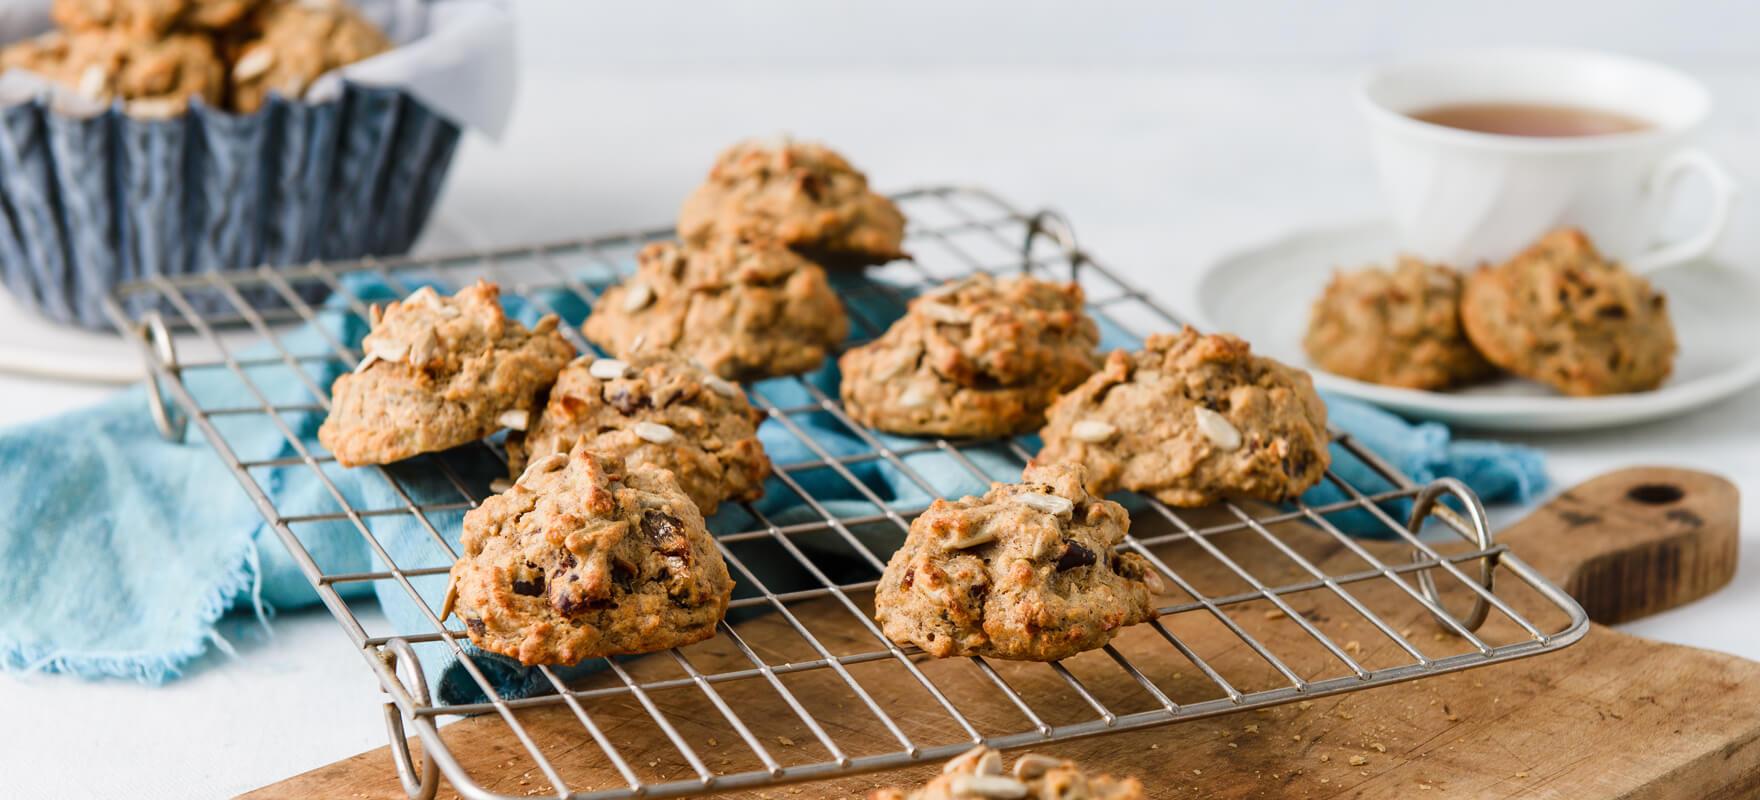 Date & seed breakfast cookies image 1